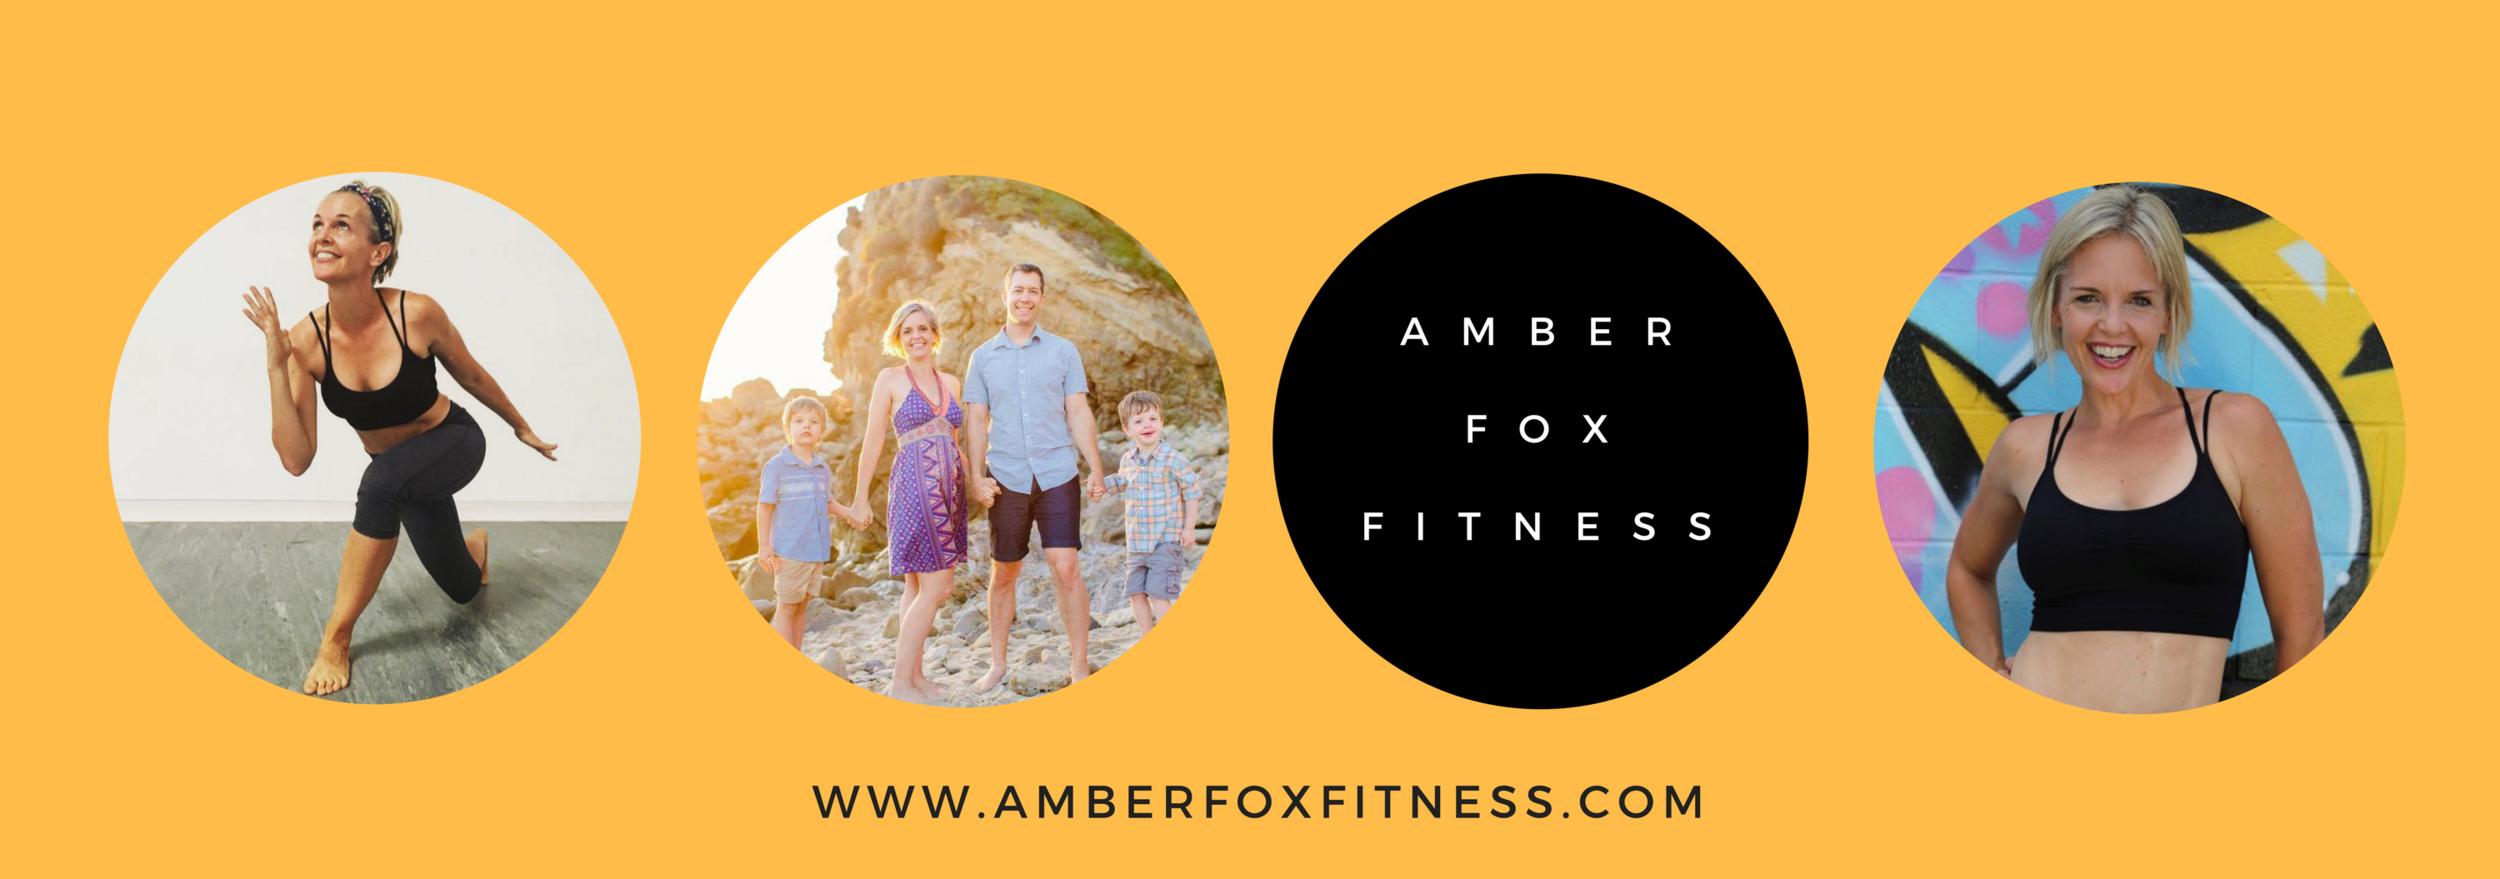 AmberFoxfitness-2.png